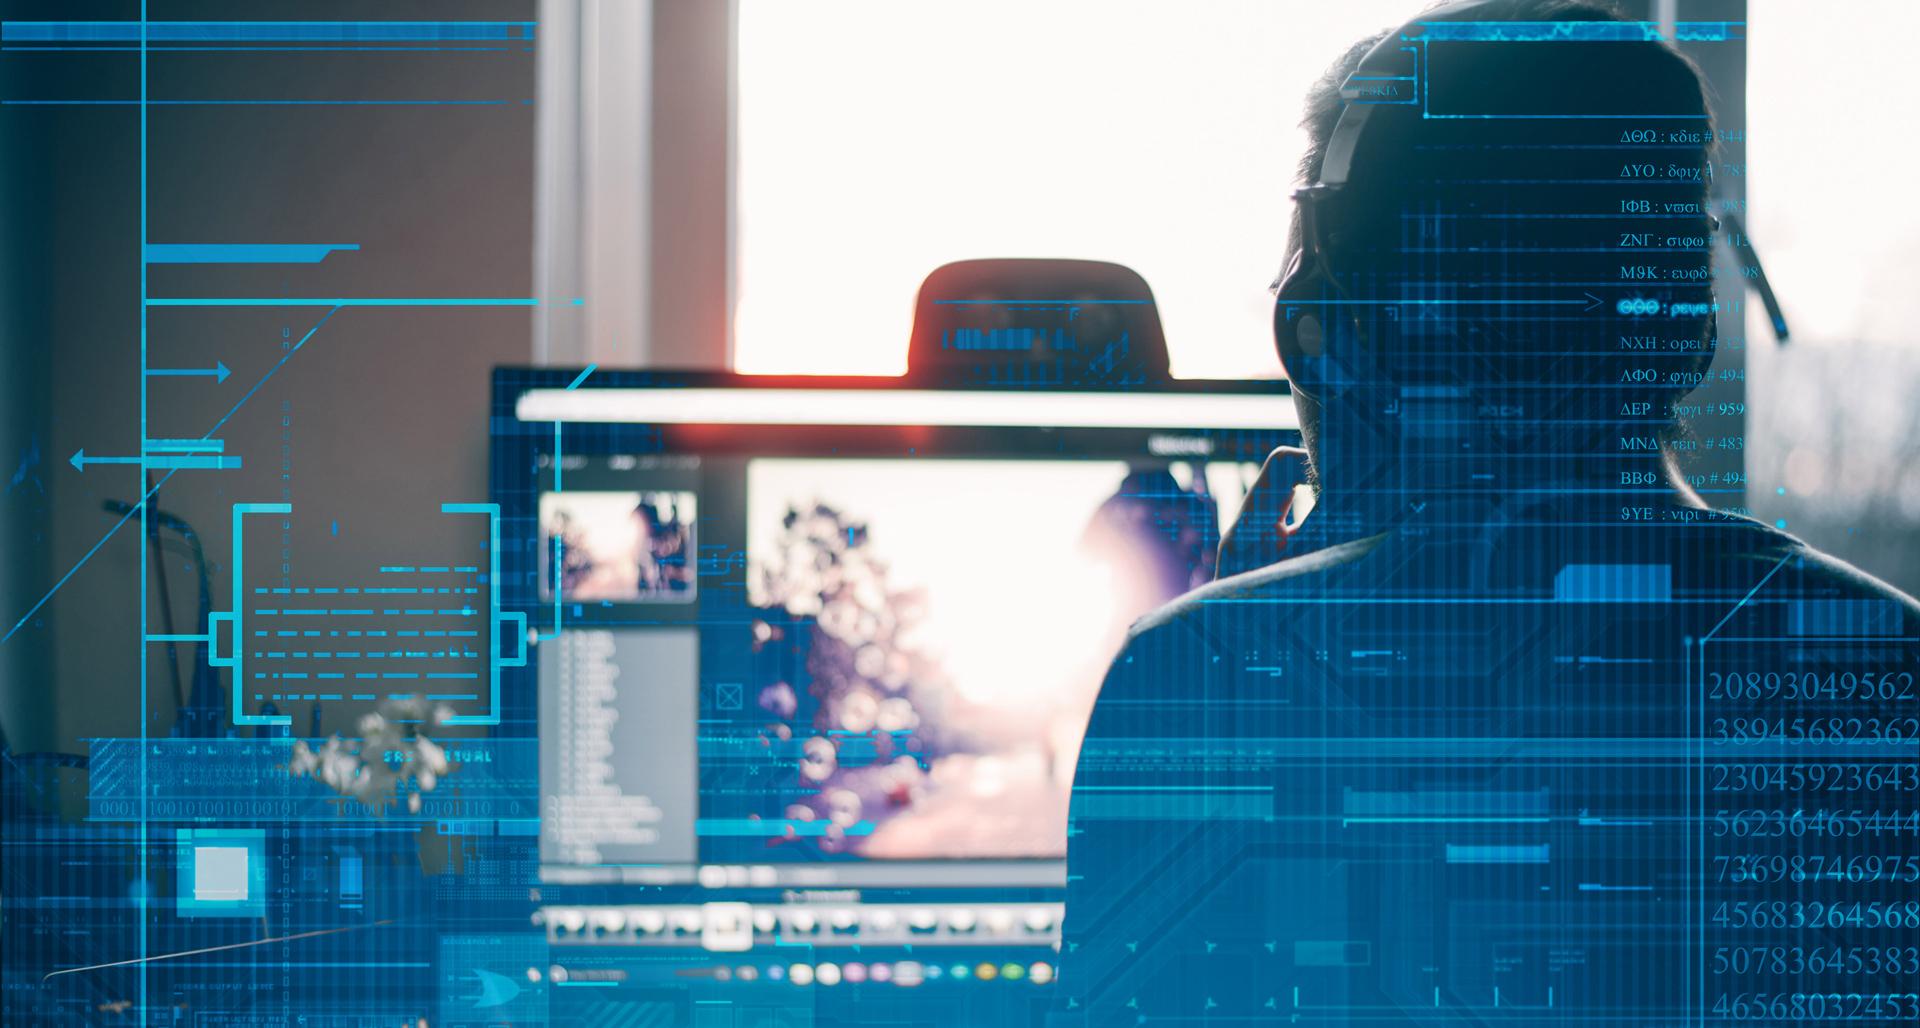 AI-assisted designer of the future